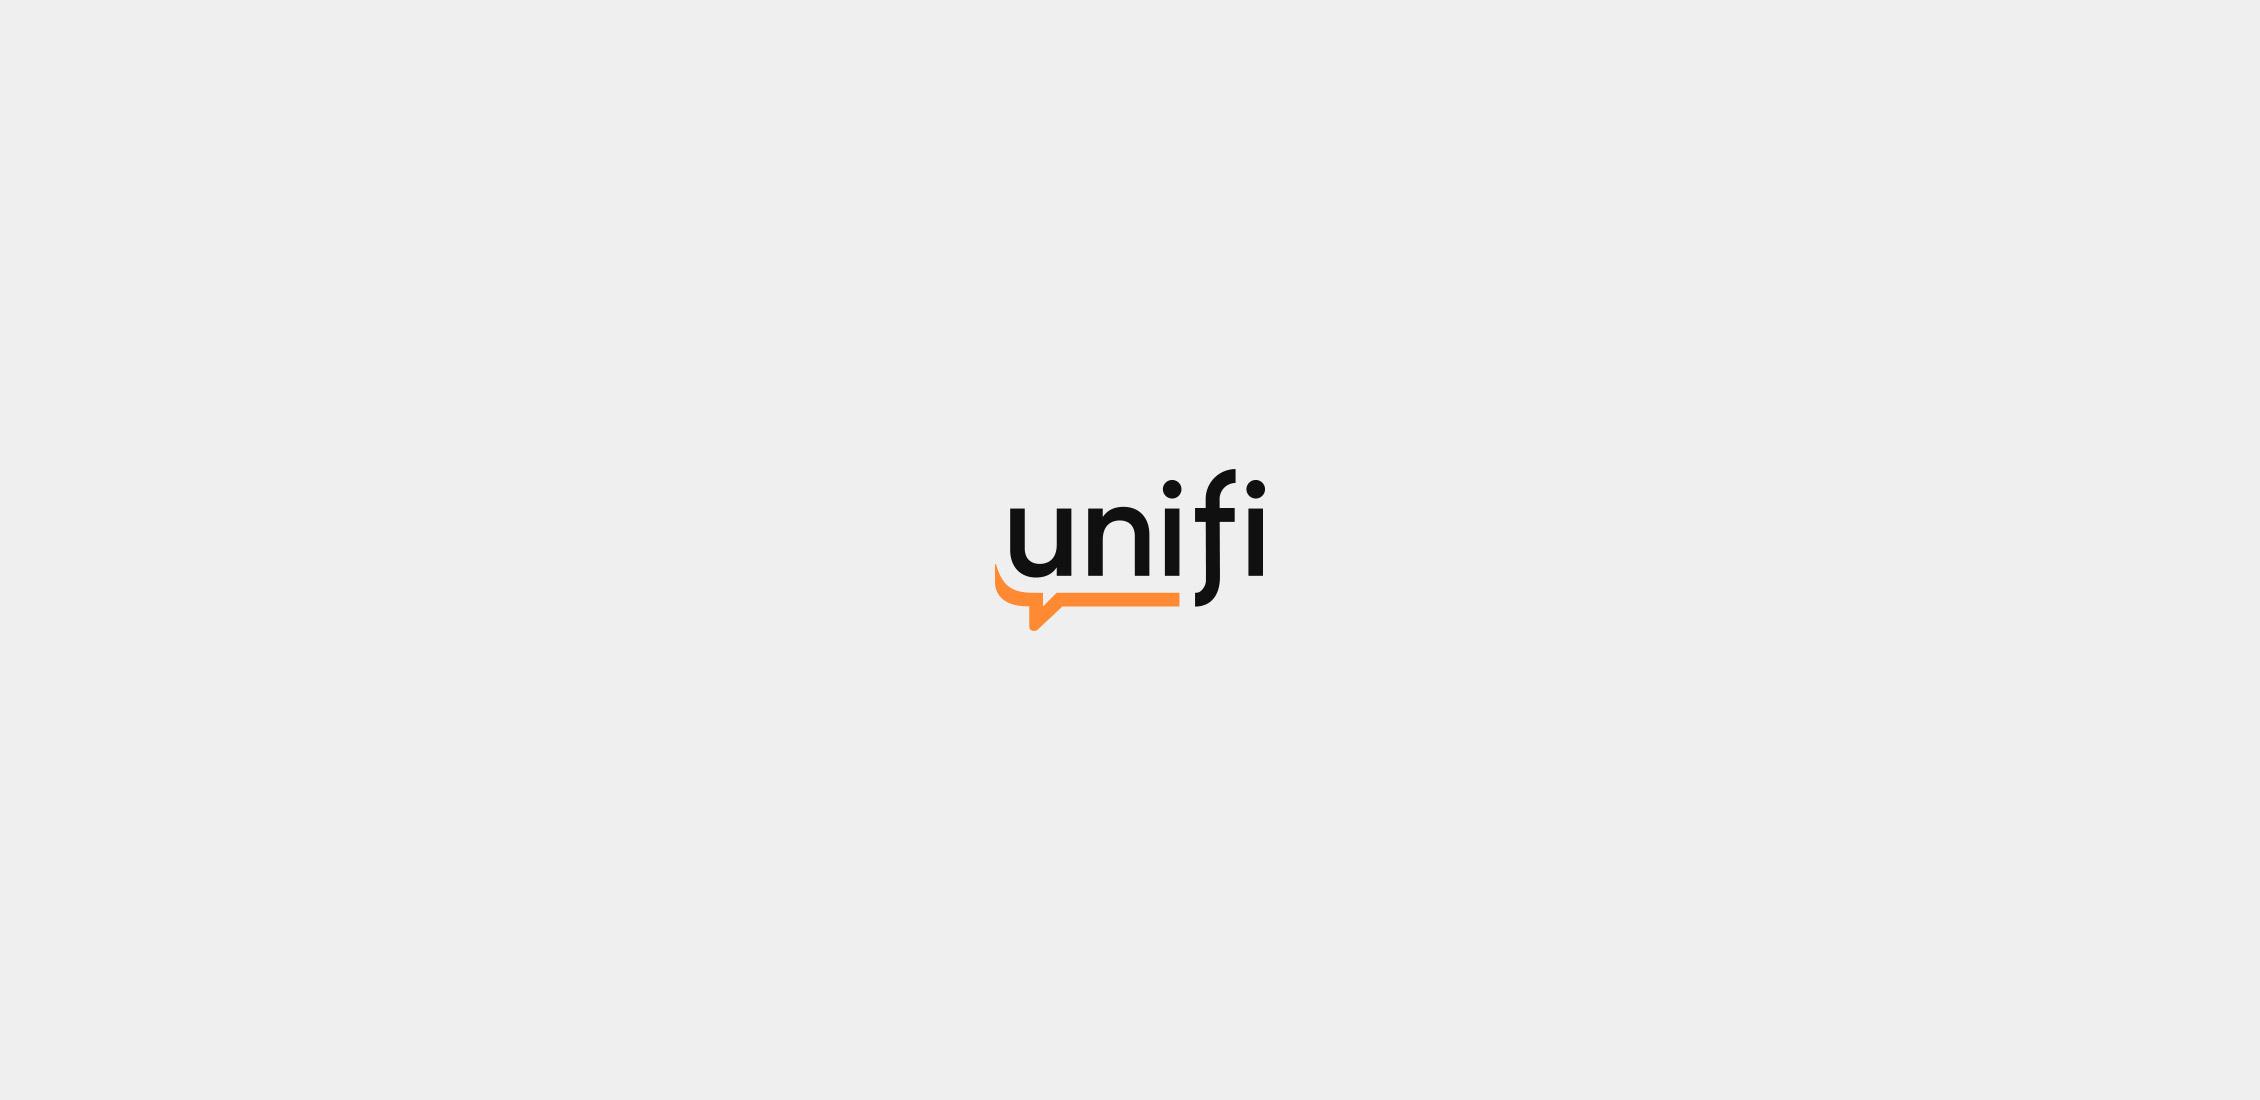 Unifin logo.